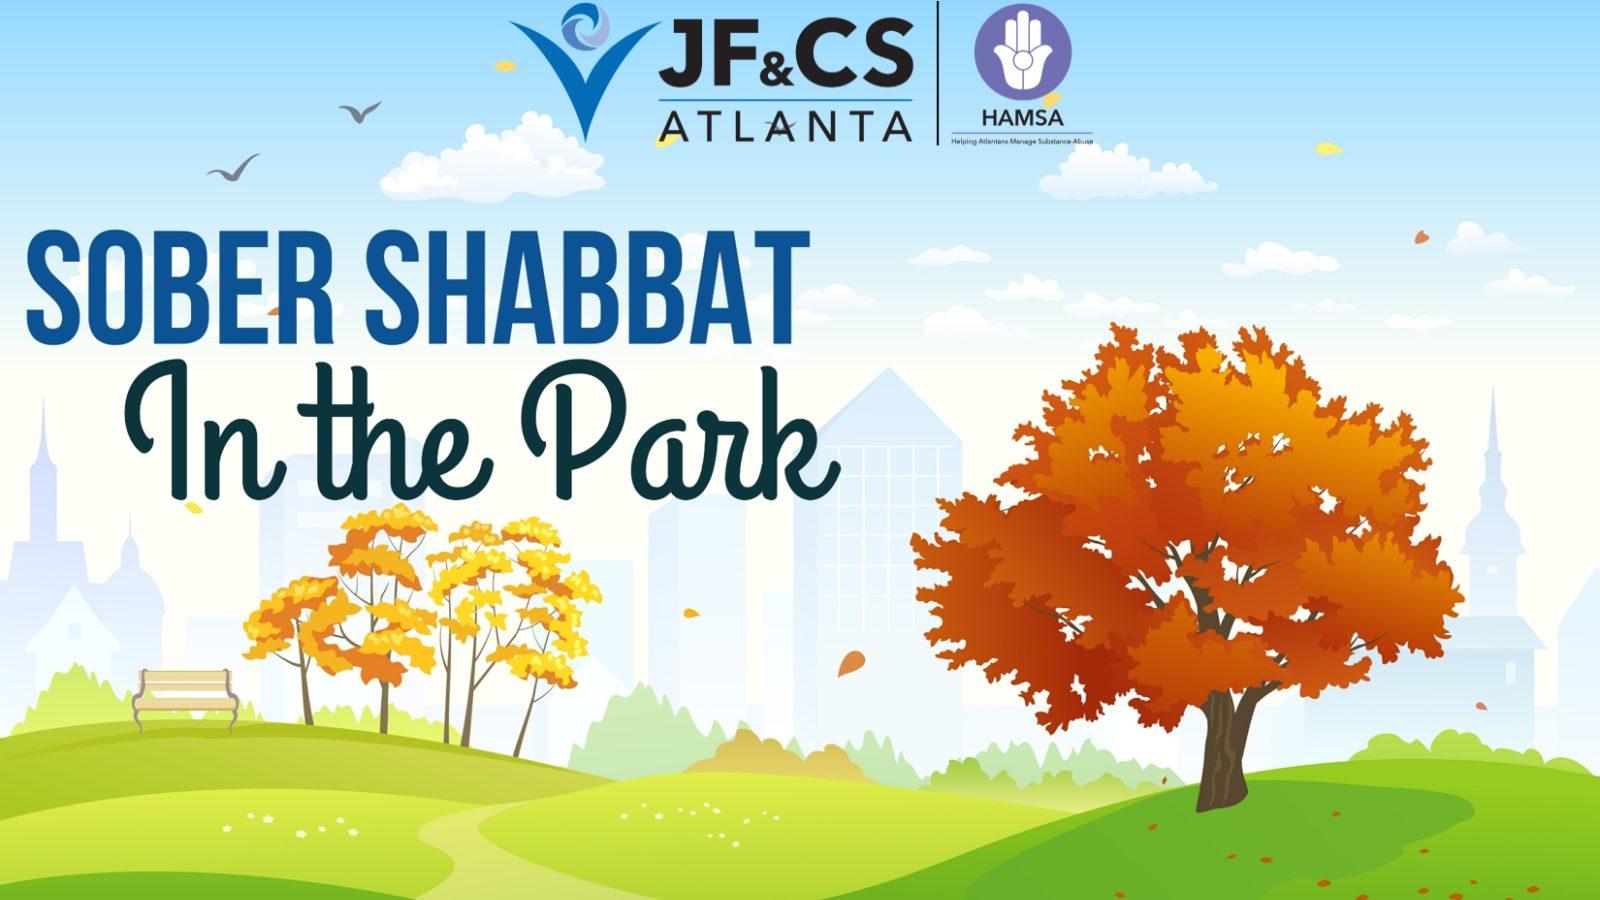 Sober Shabbat in the Park